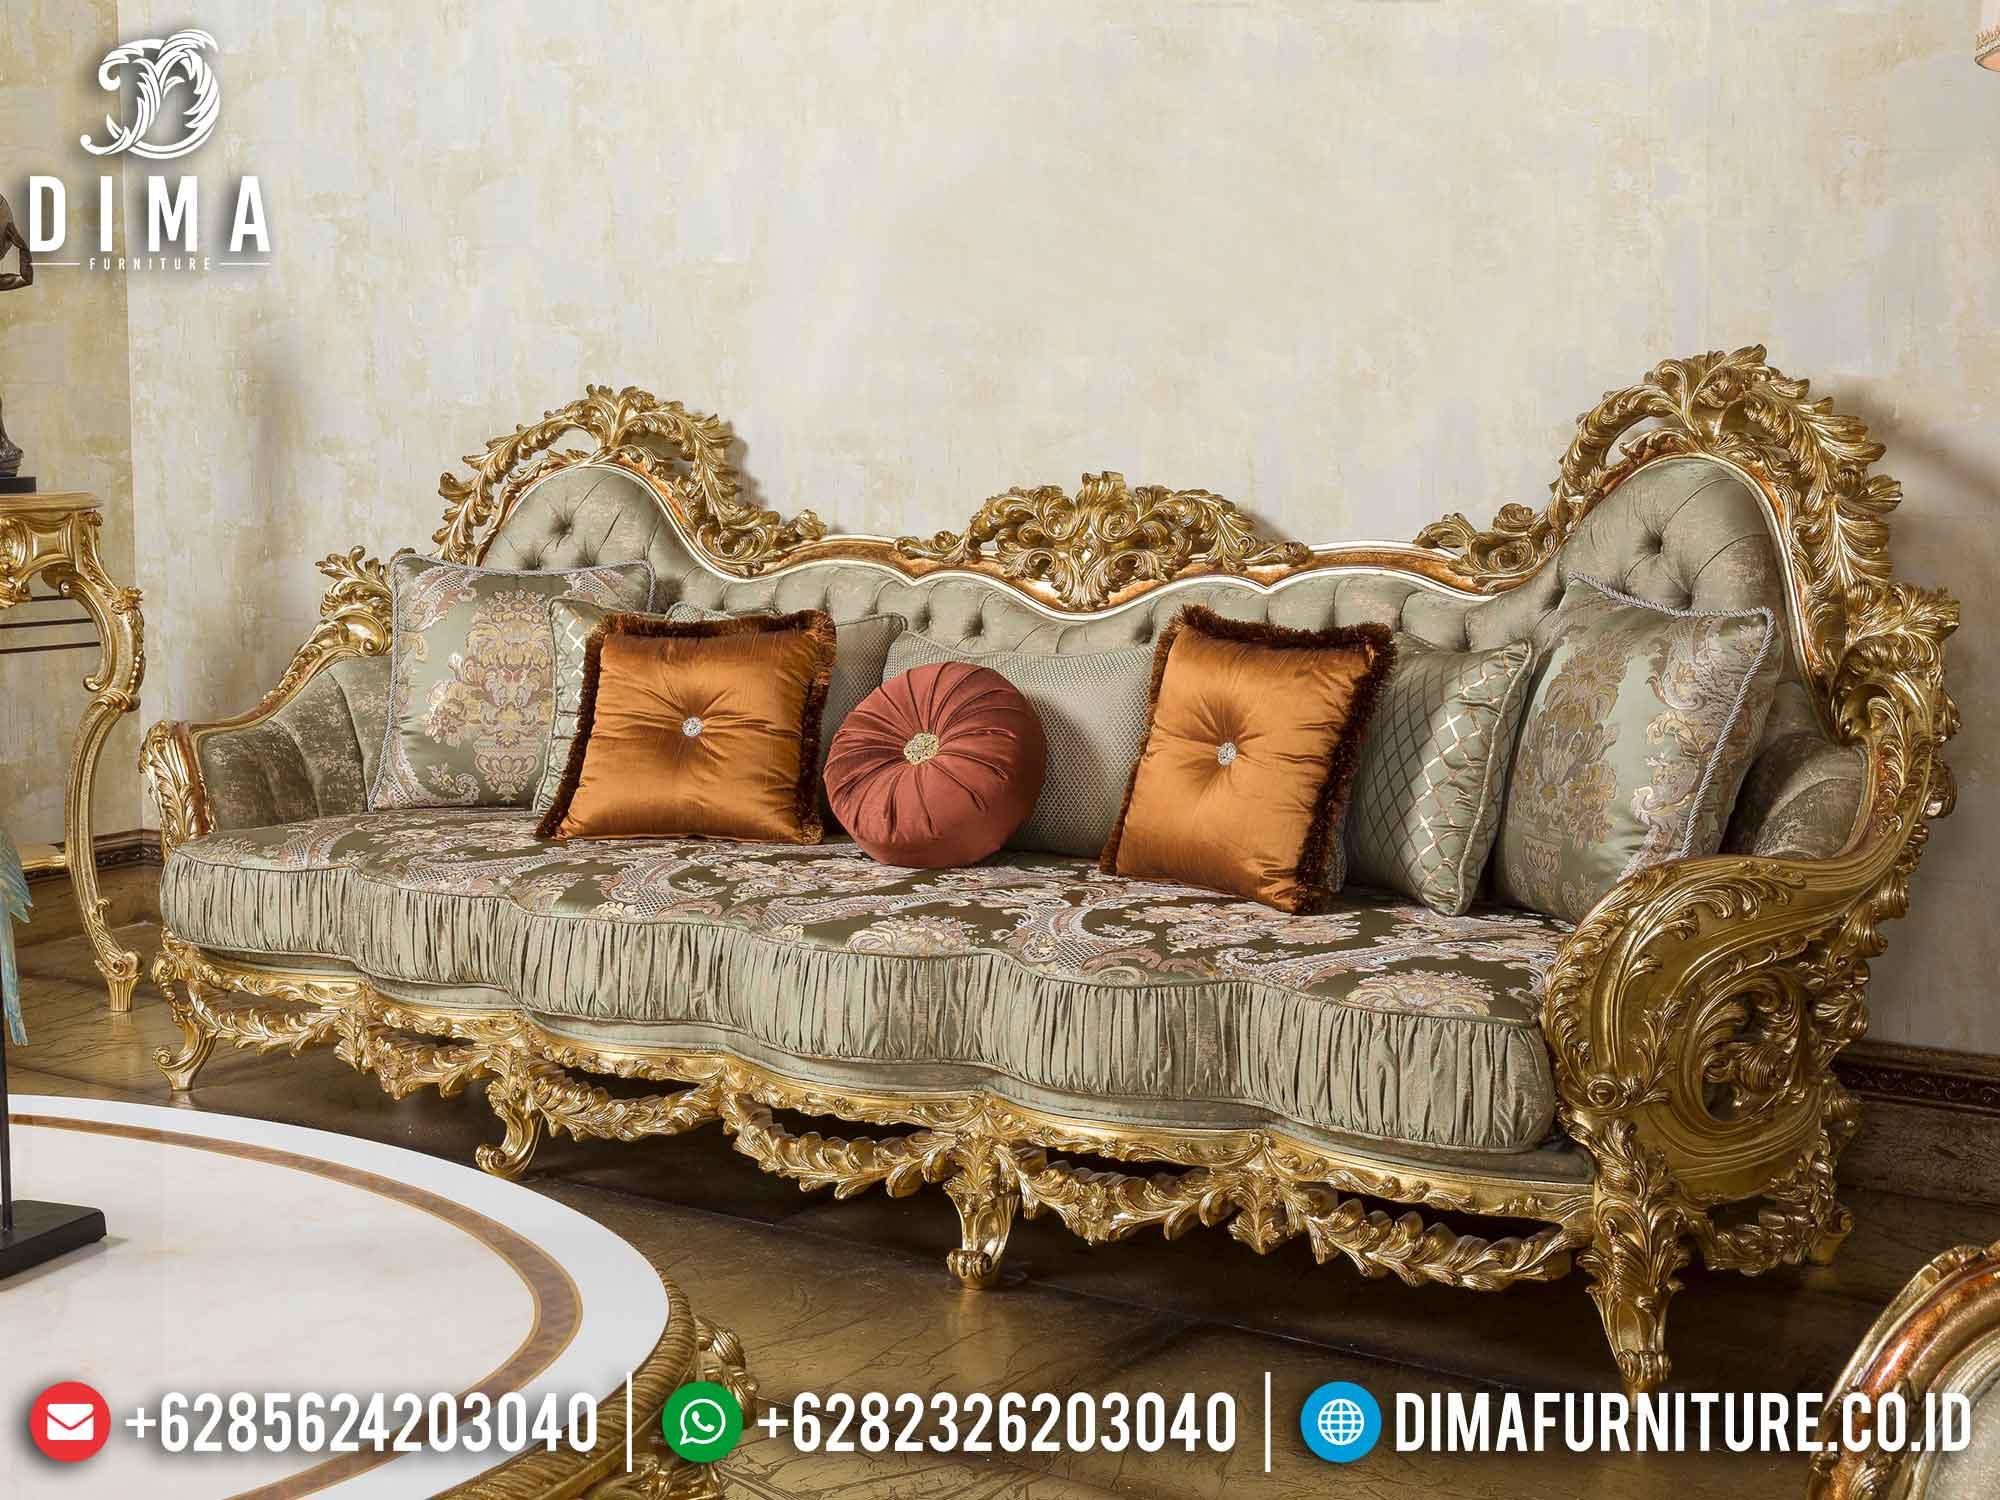 Sofa Tamu Mewah Set Classic Gold Leaf Ukiran Jepara DF-1468 Gambar 3